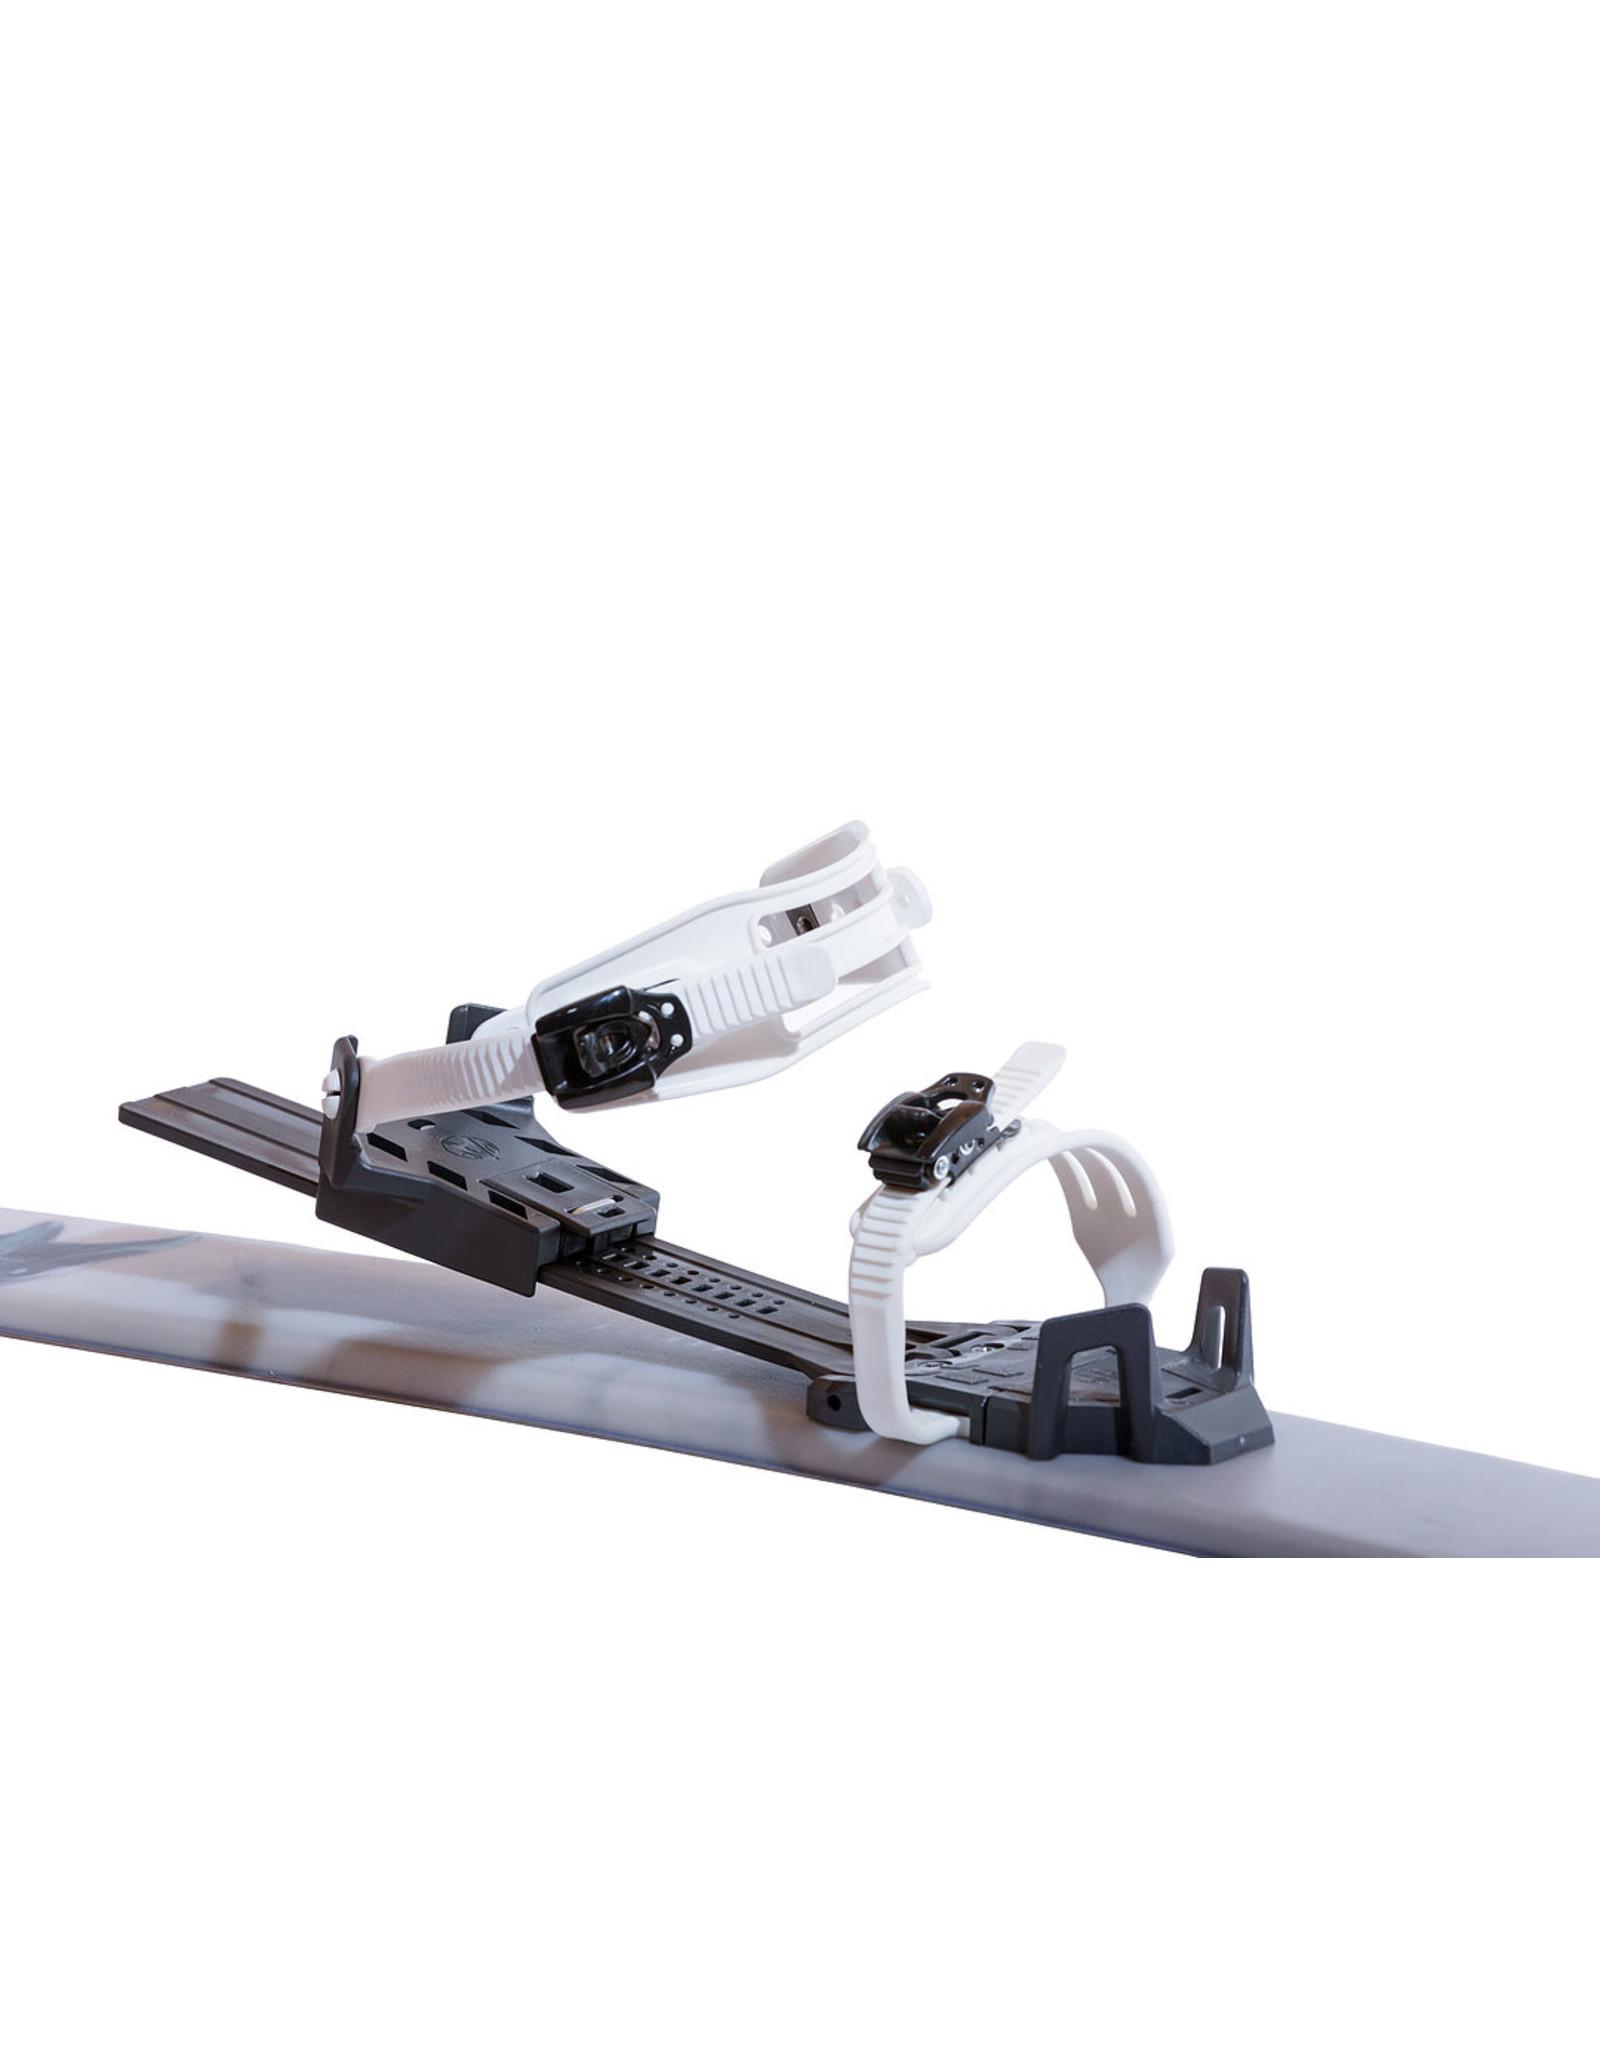 OAC SKINBASED AOC SKINBASED ski Hok KAR 147cm  UC with EA binding 22